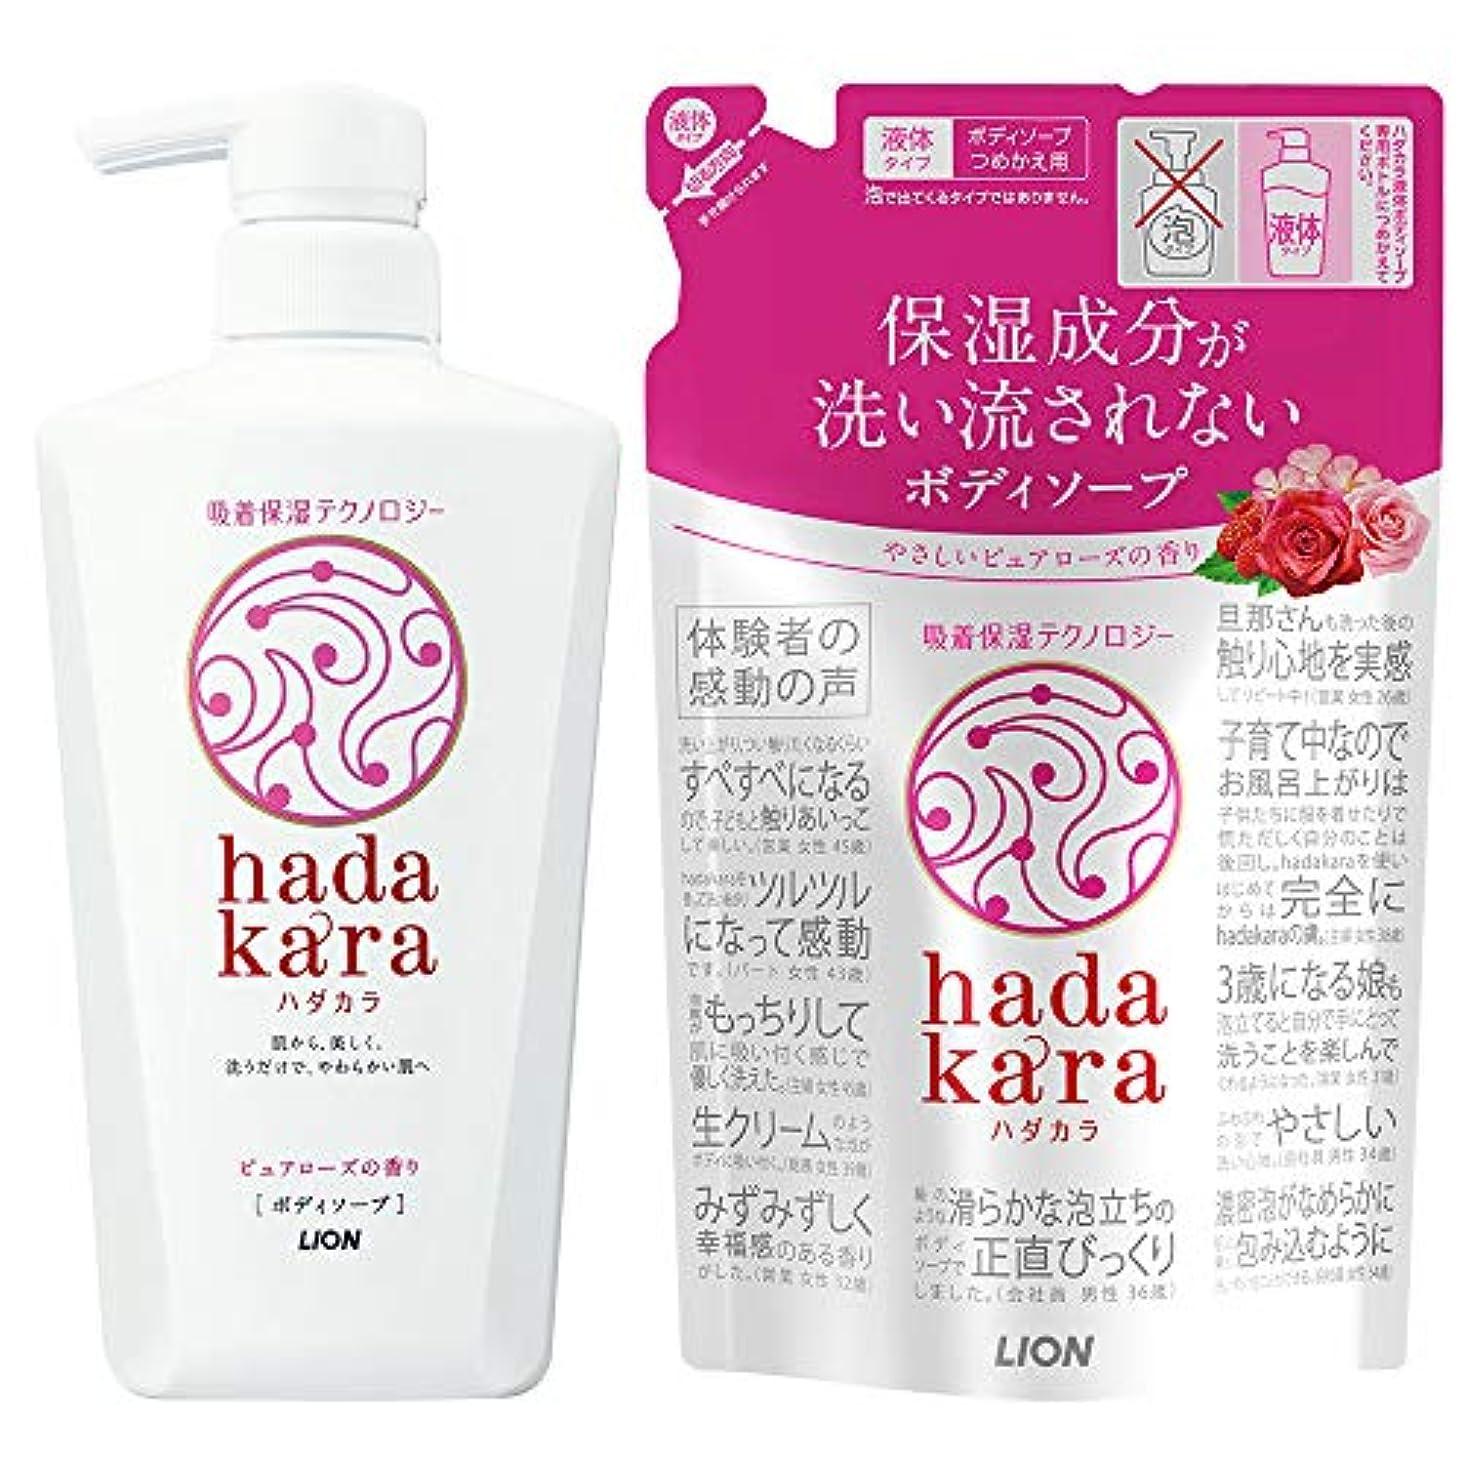 耳しわアミューズhadakara(ハダカラ) ボディソープ ピュアローズの香り 本体500ml+つめかえ360ml +